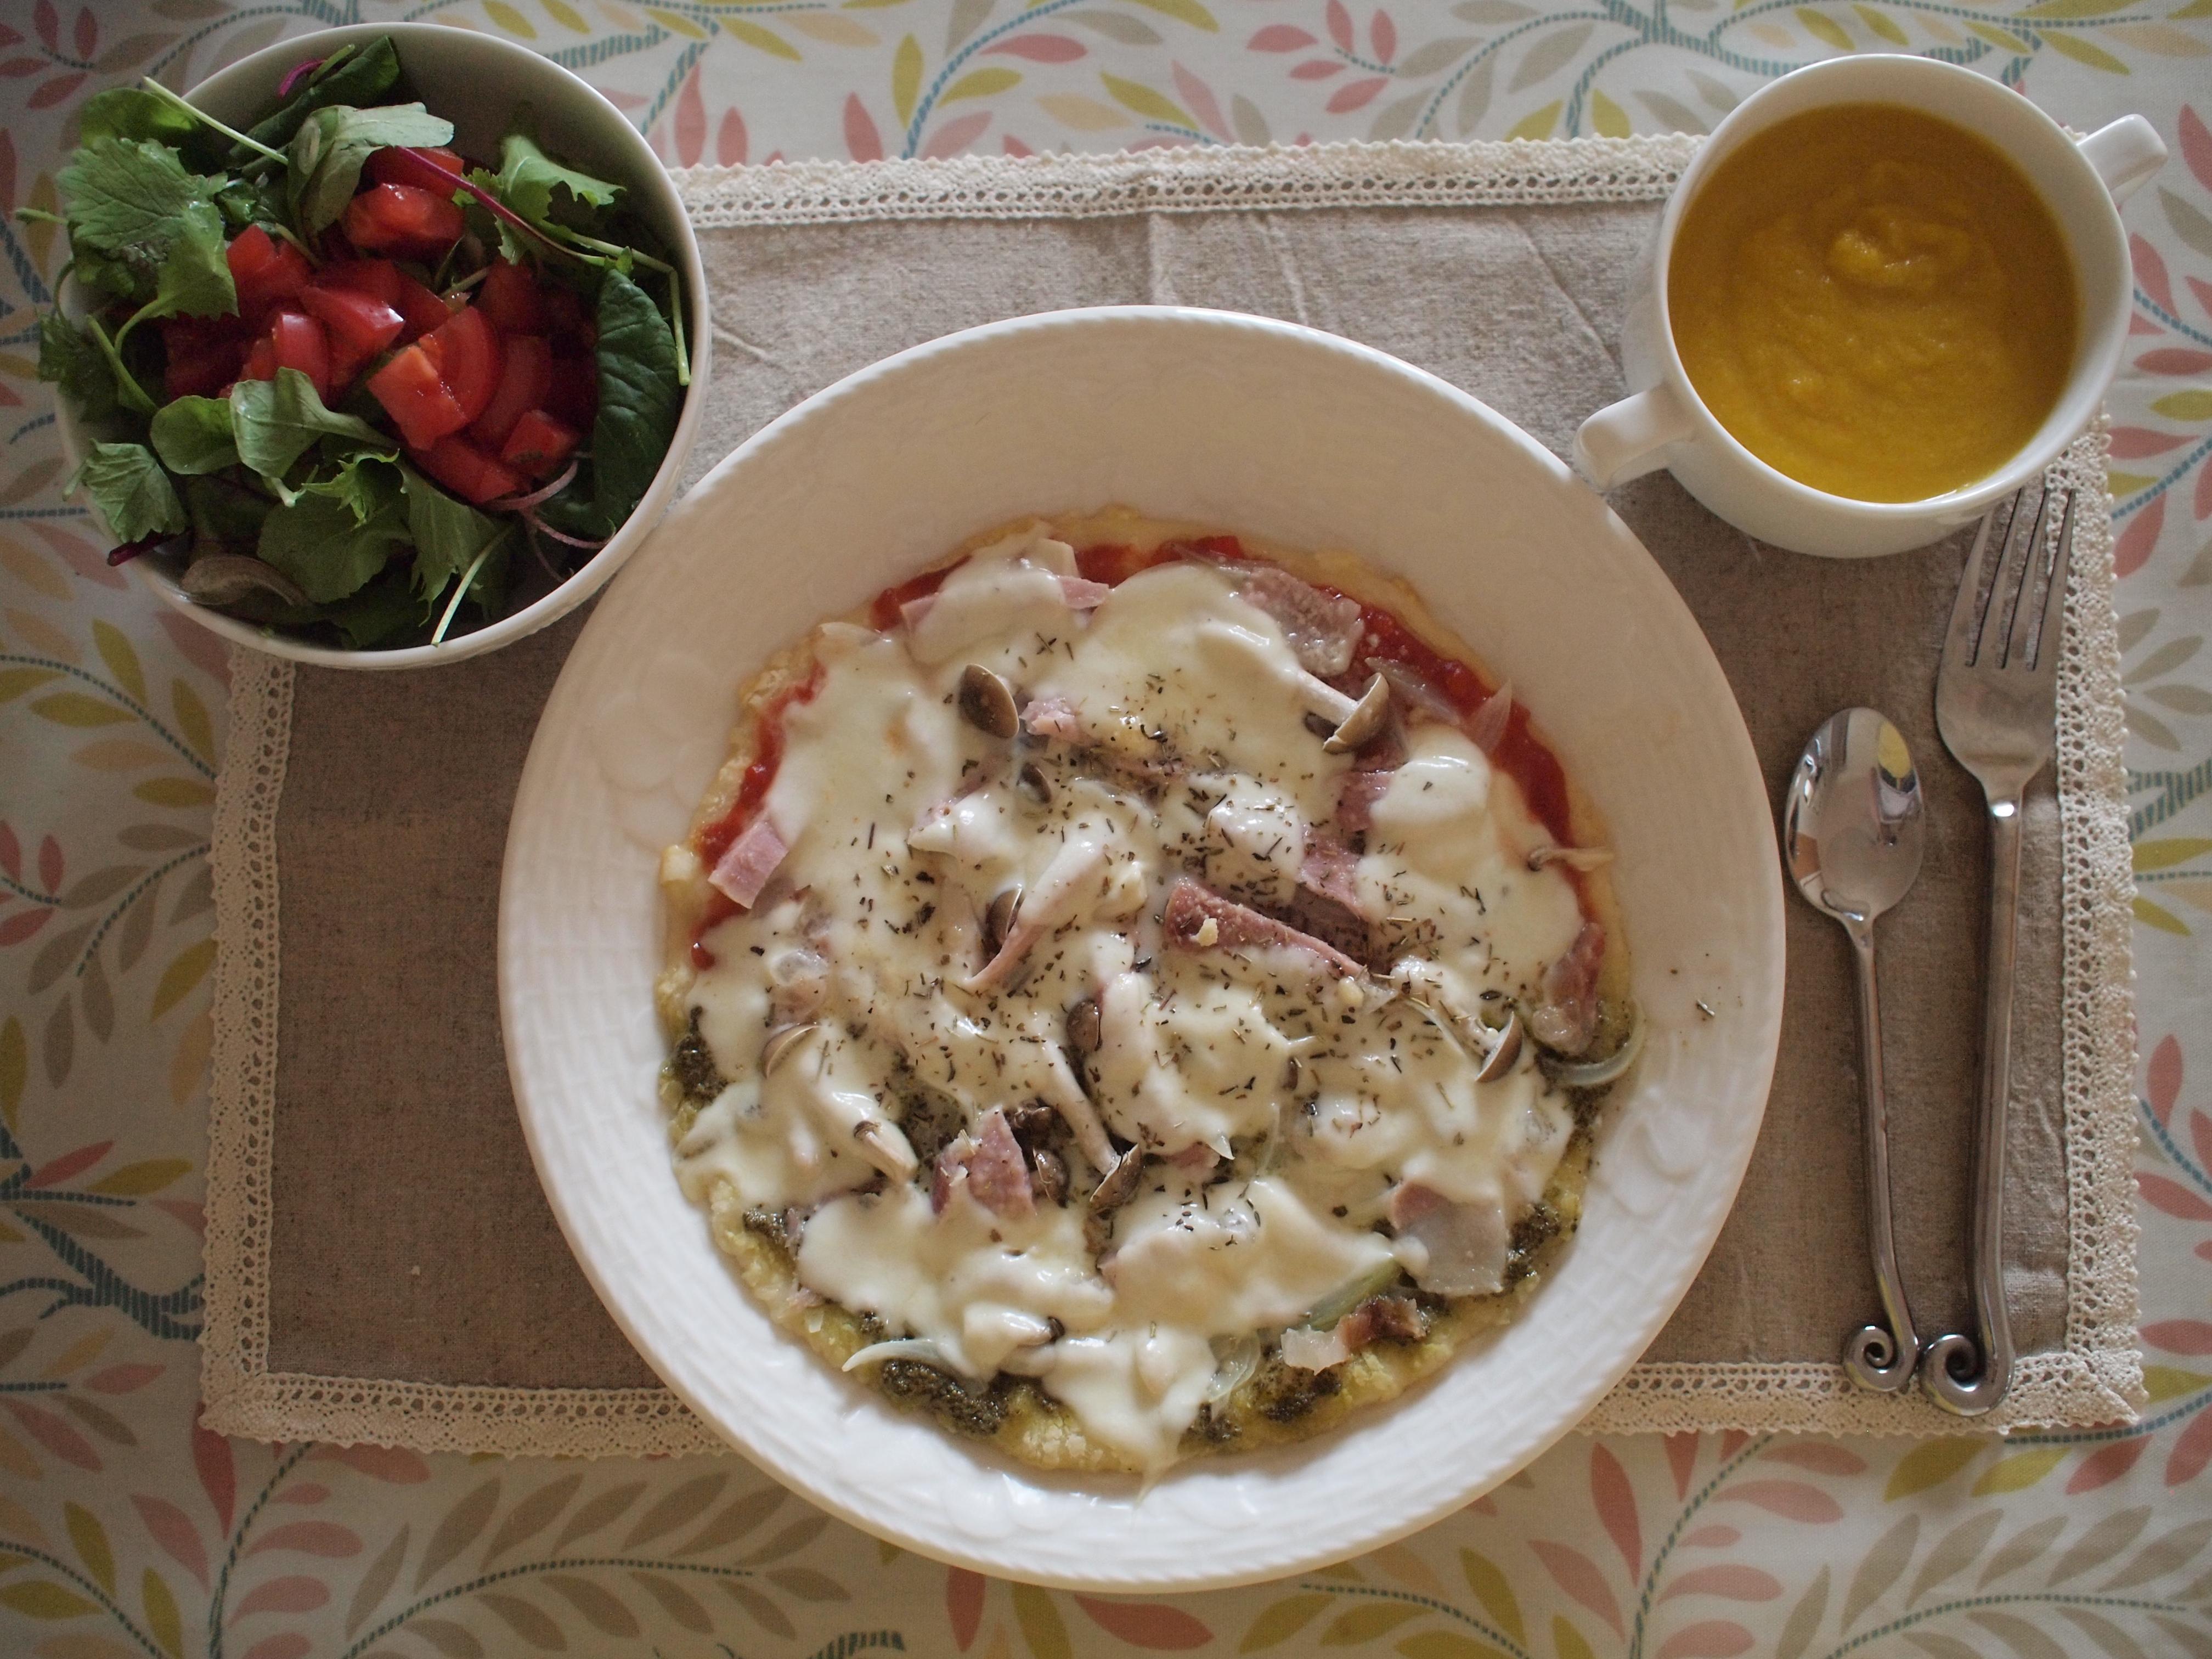 ジェノベーゼソースとトマトソースのピザ。パンプキンスープ。サラダは手作りのアマニドレッシングをかけて